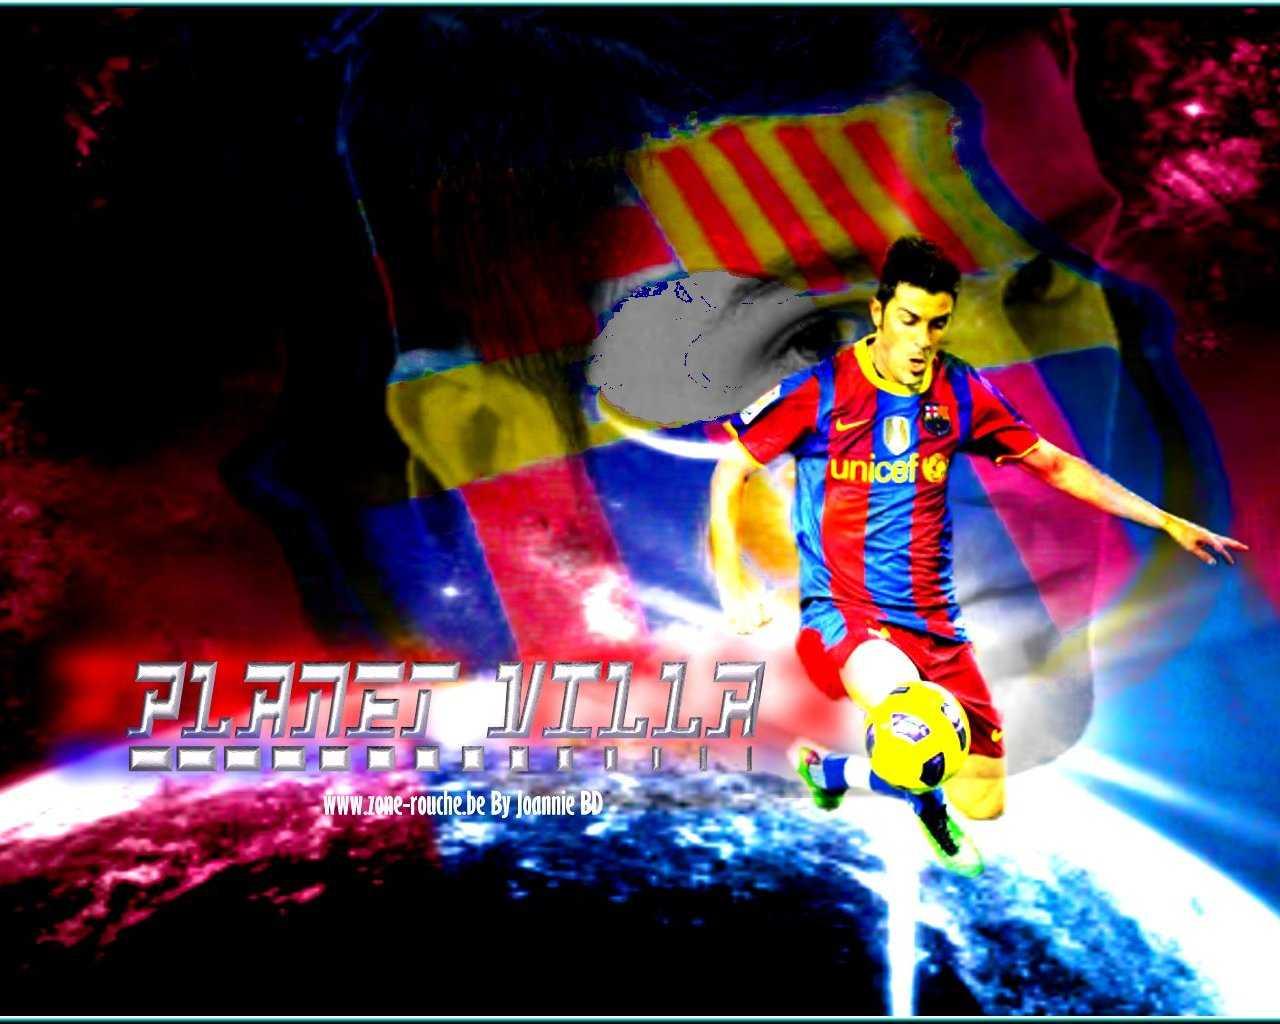 http://1.bp.blogspot.com/-Gb5TLud-dwU/Tq-uVCXoJoI/AAAAAAAAIz0/agVsFhjIPMg/s1600/football_wallpaper_david_villa_04.jpg